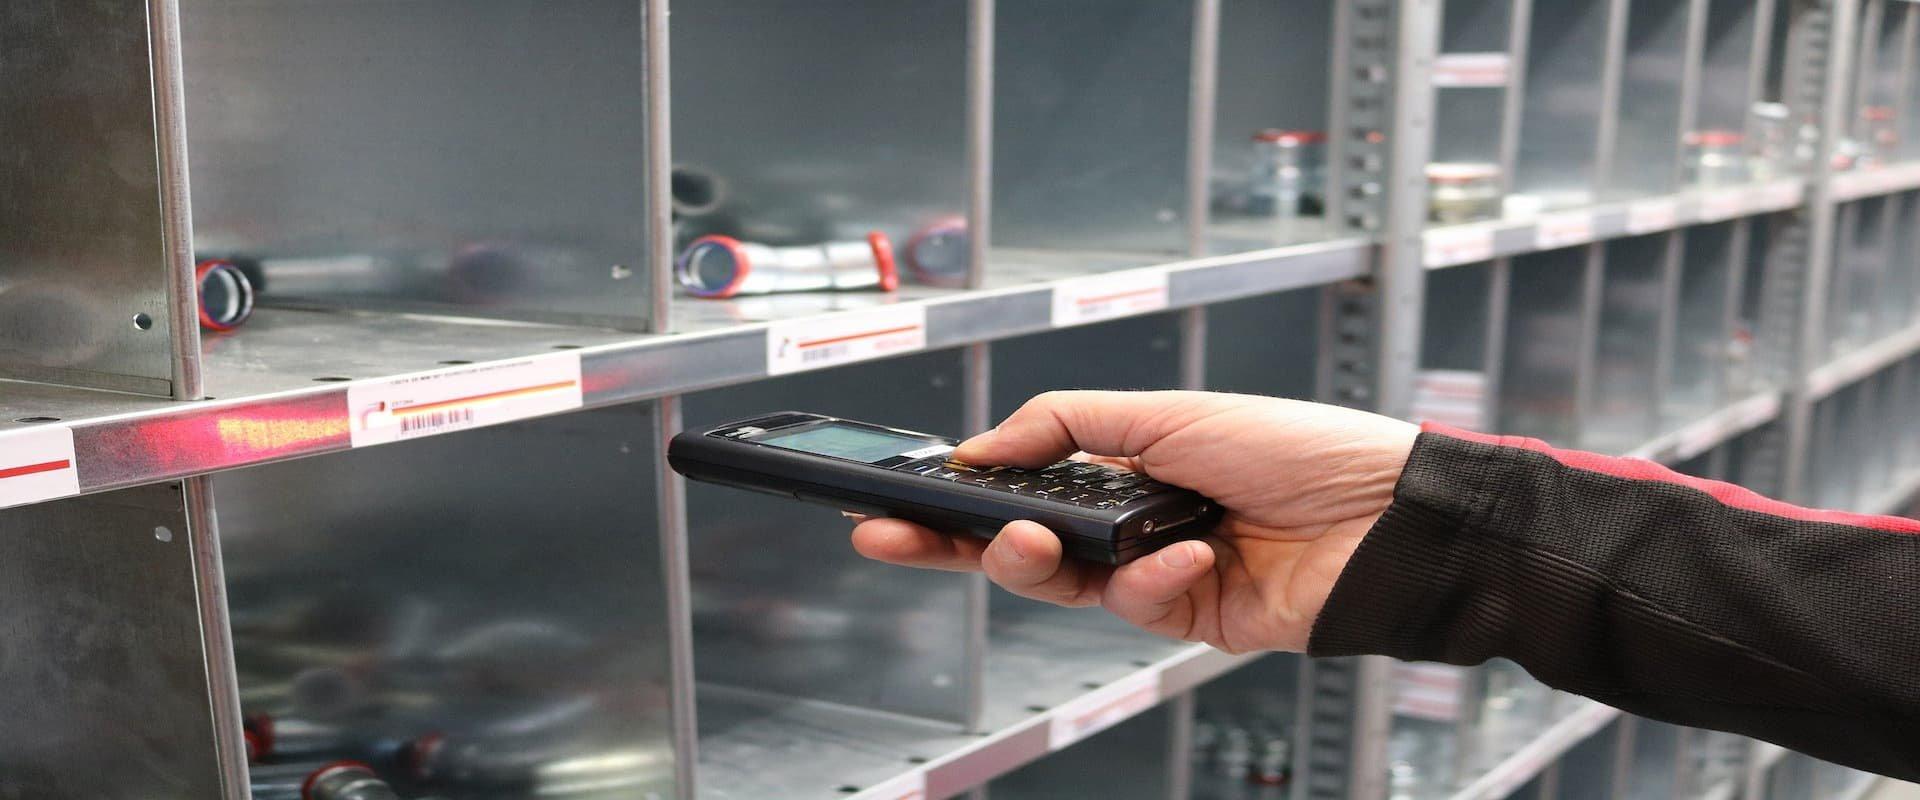 News: Inventur im Einzelhandel: Es kann so einfach sein